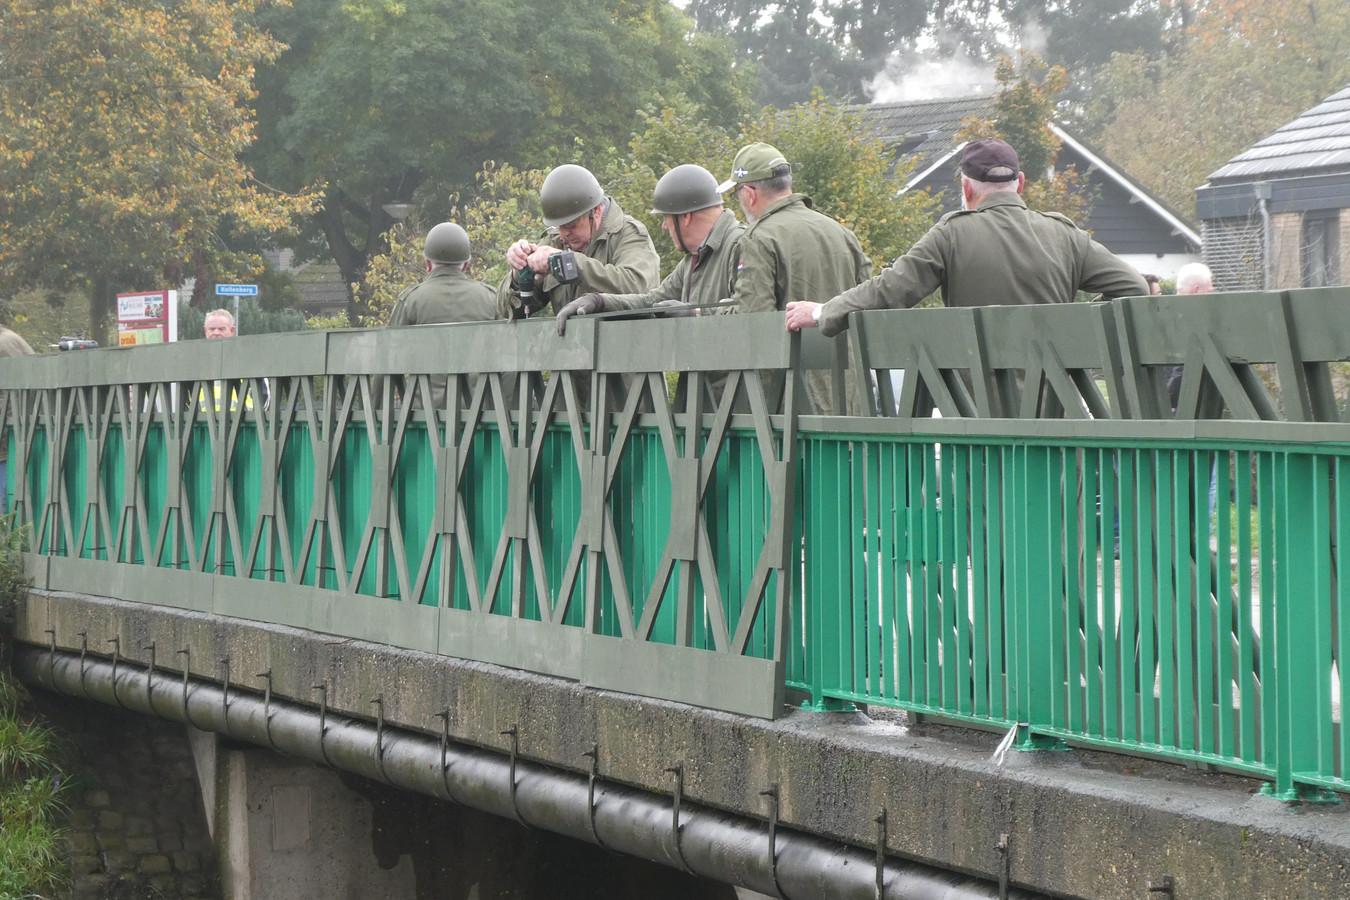 Mannen van hobbyclub Samen Bezig verkleed als militair, bekleden de Gasthuisbrug met houten Bailey-panelen.